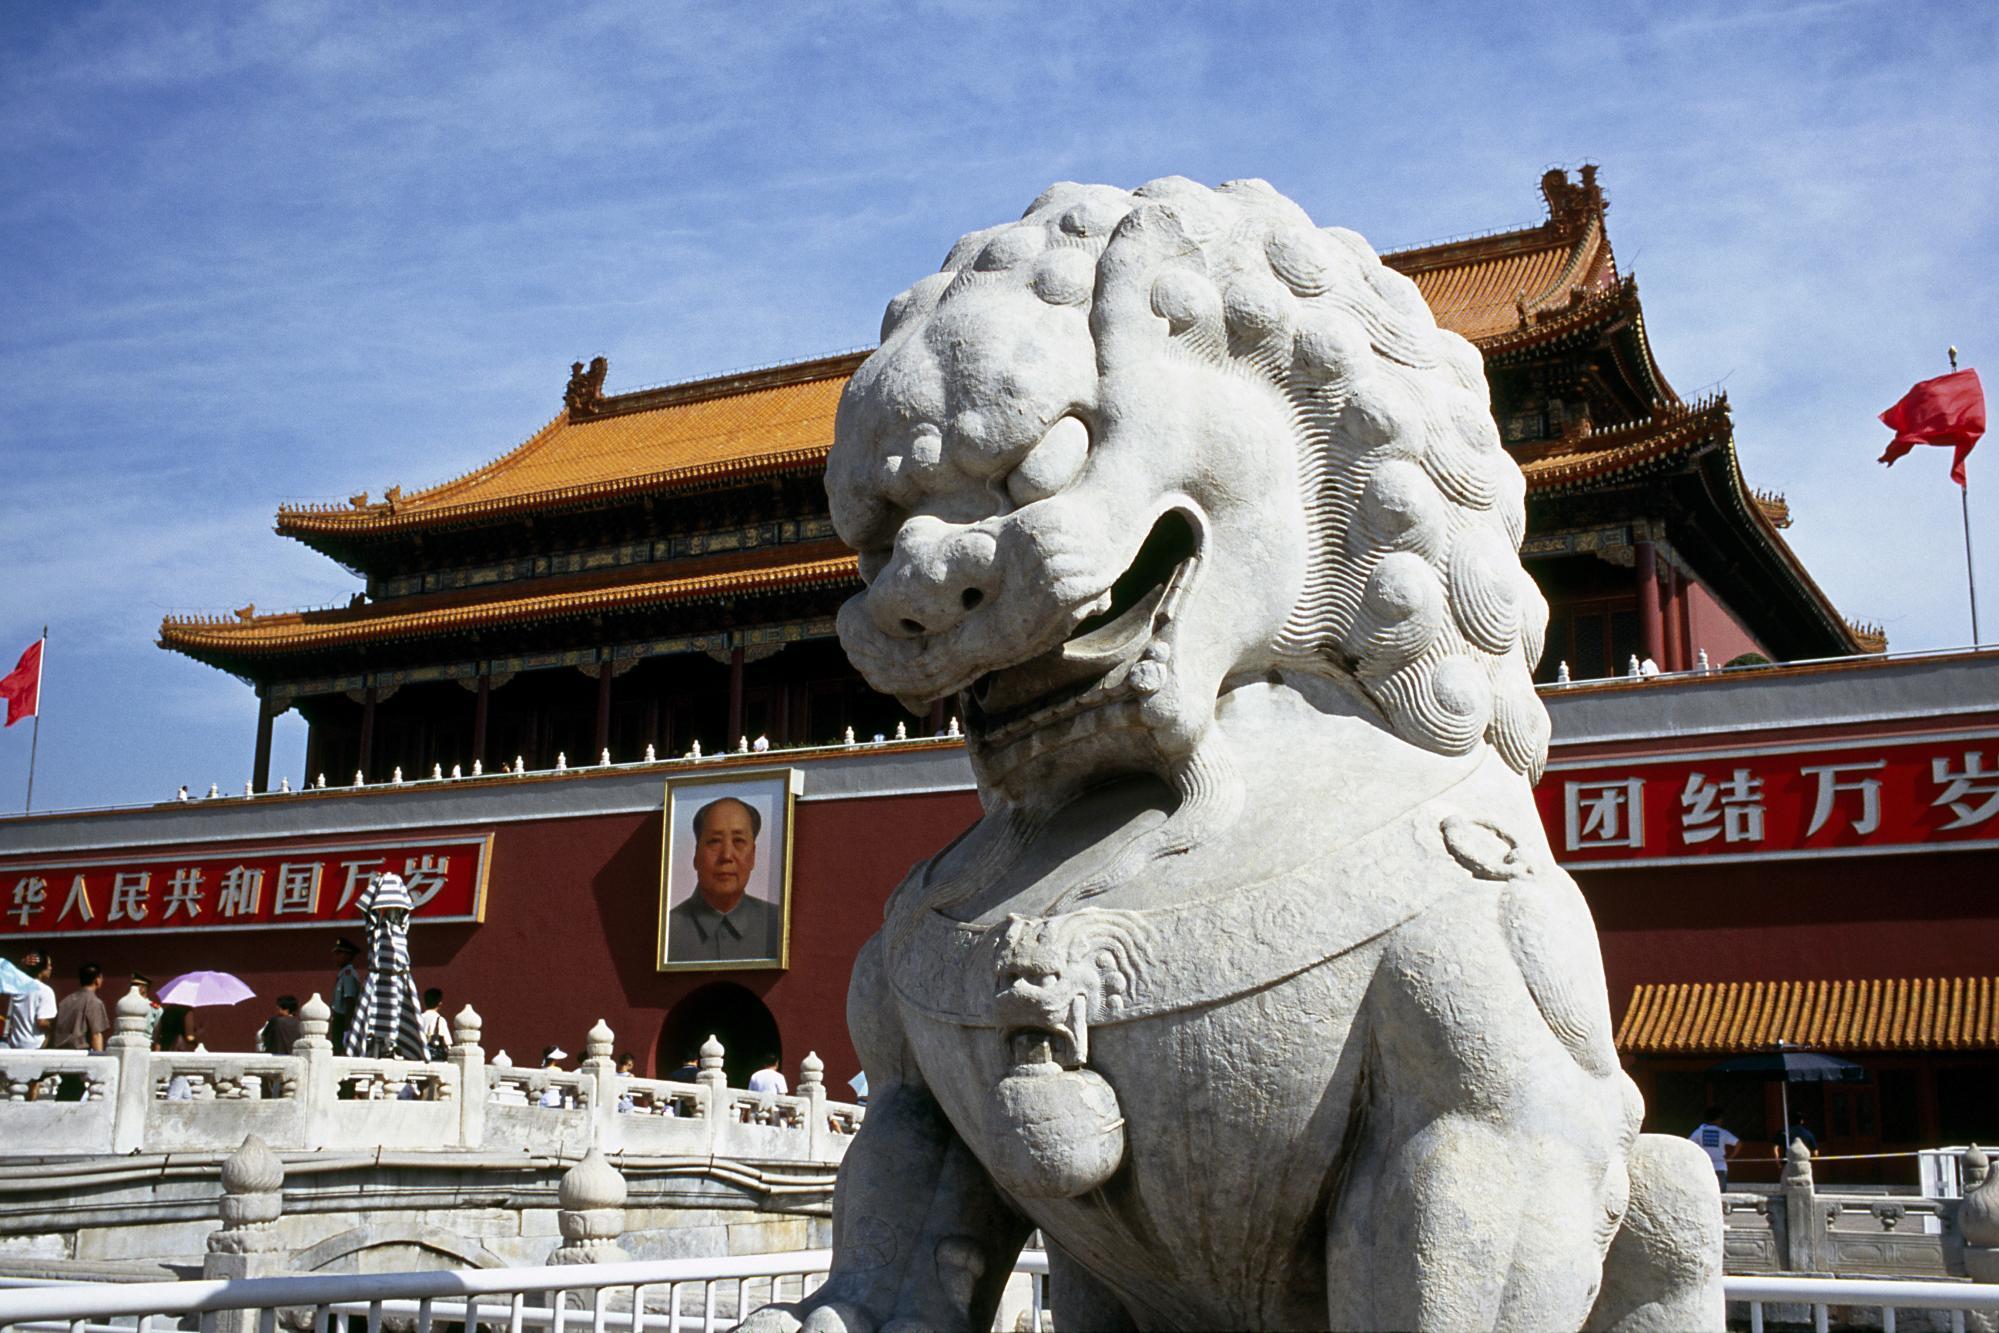 Nhận diện chủ nghĩa dân tộc vị kỷ của Trung Quốc